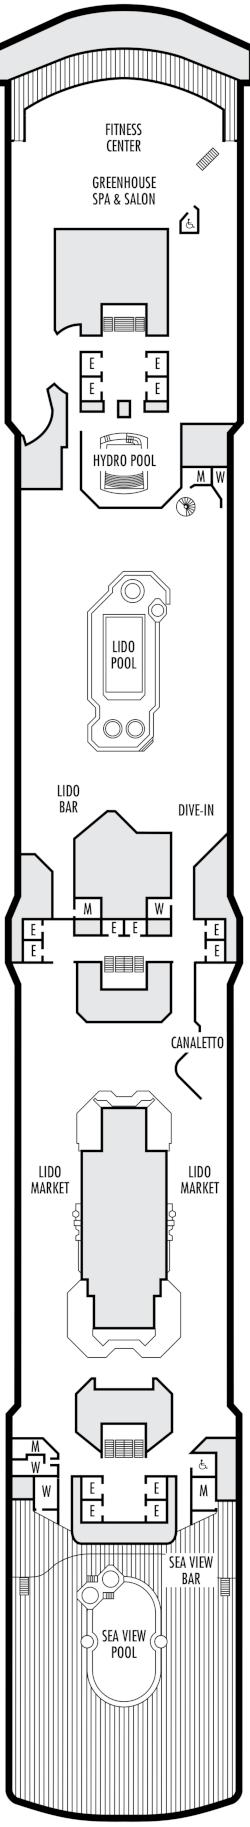 Zuiderdam Lido Deck Deck Plan